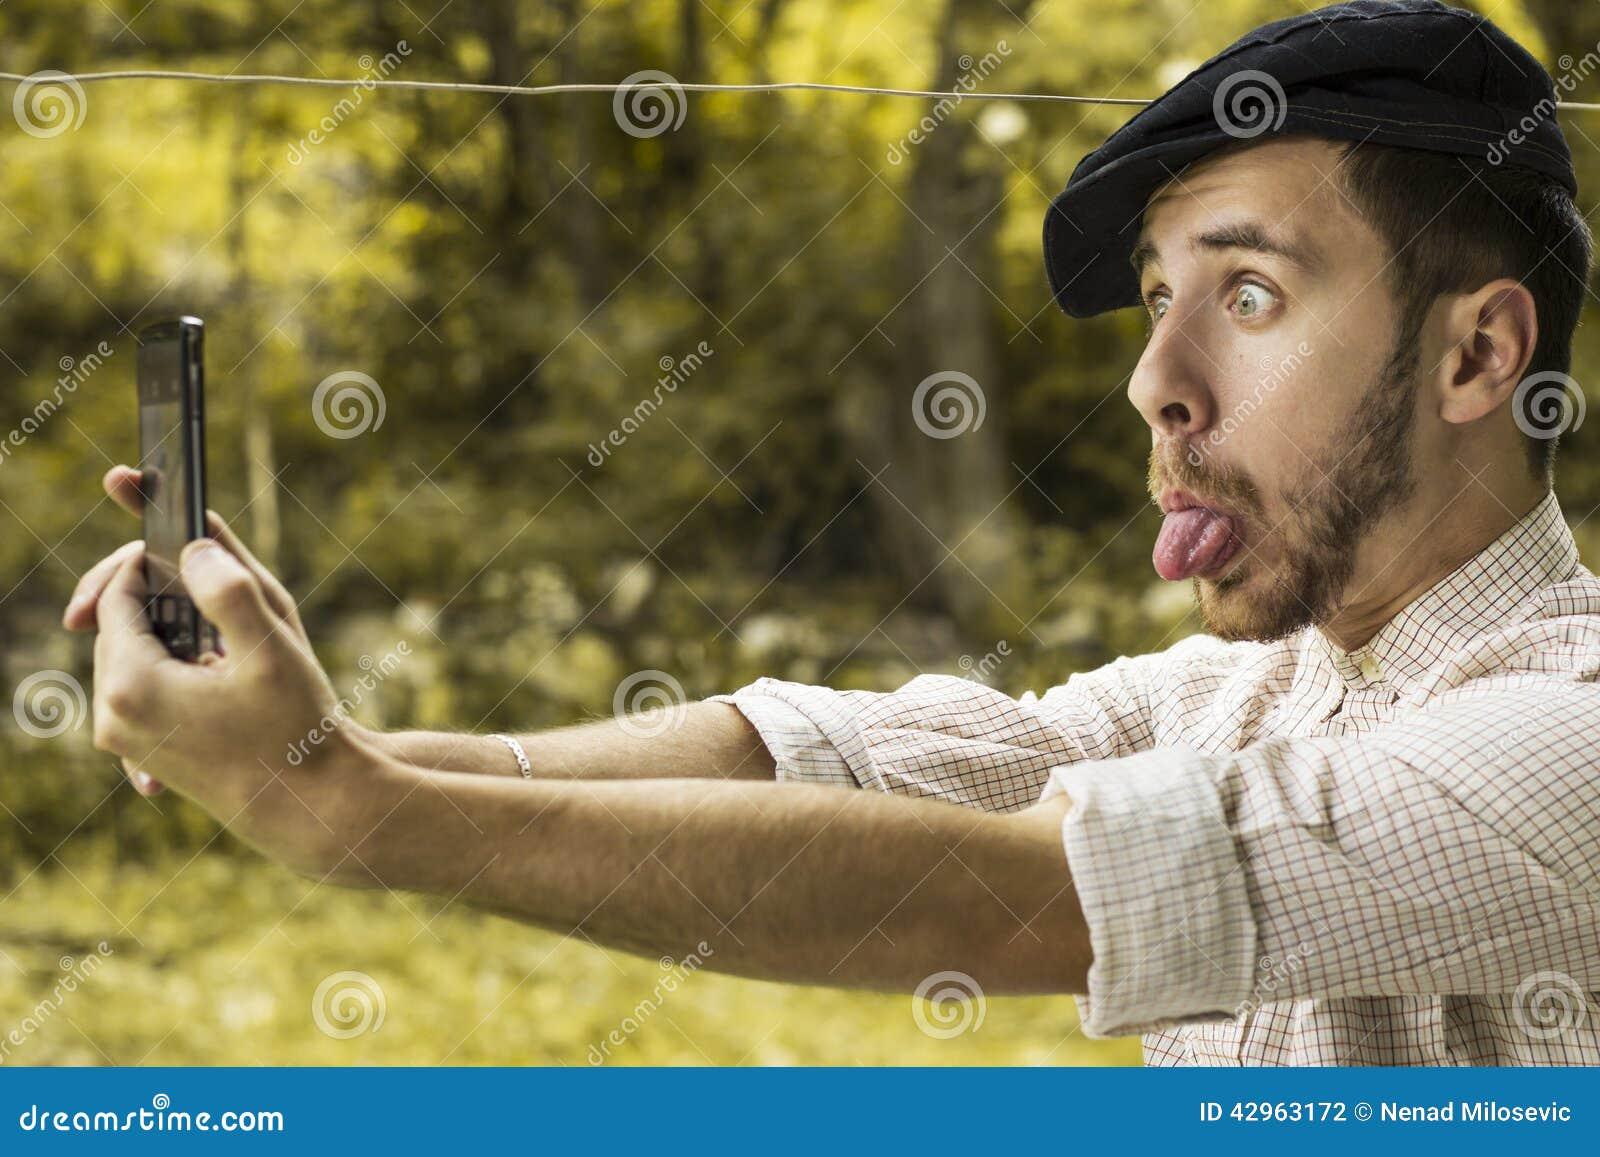 Retrato de un hombre joven loco con el casquillo que toma un selfie